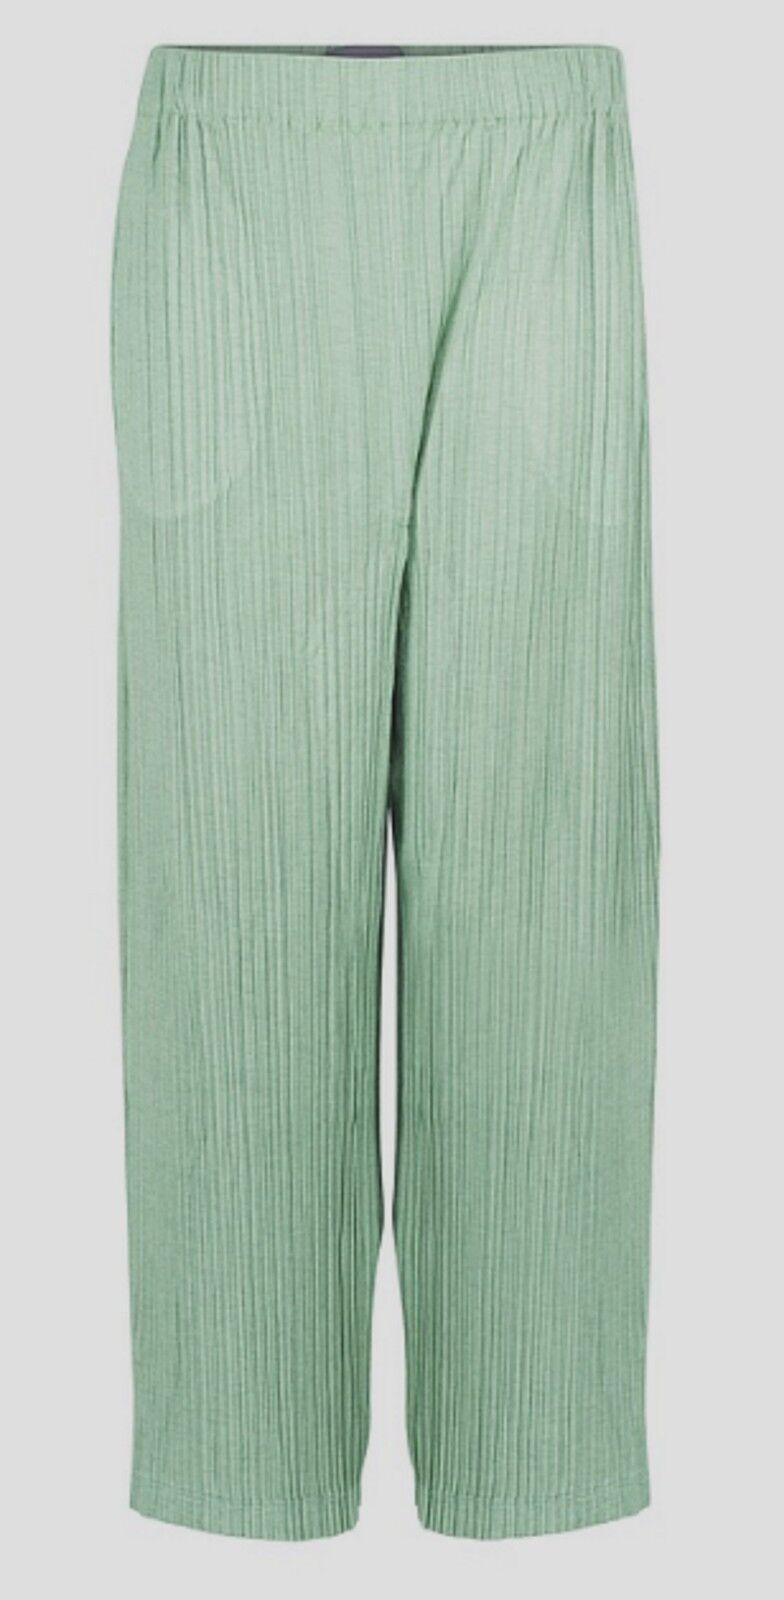 OSKA Pantaloni besime PLISSEE-Bamboo-Regno Unito 12 14 - Con etichette Nuovo di Zecca